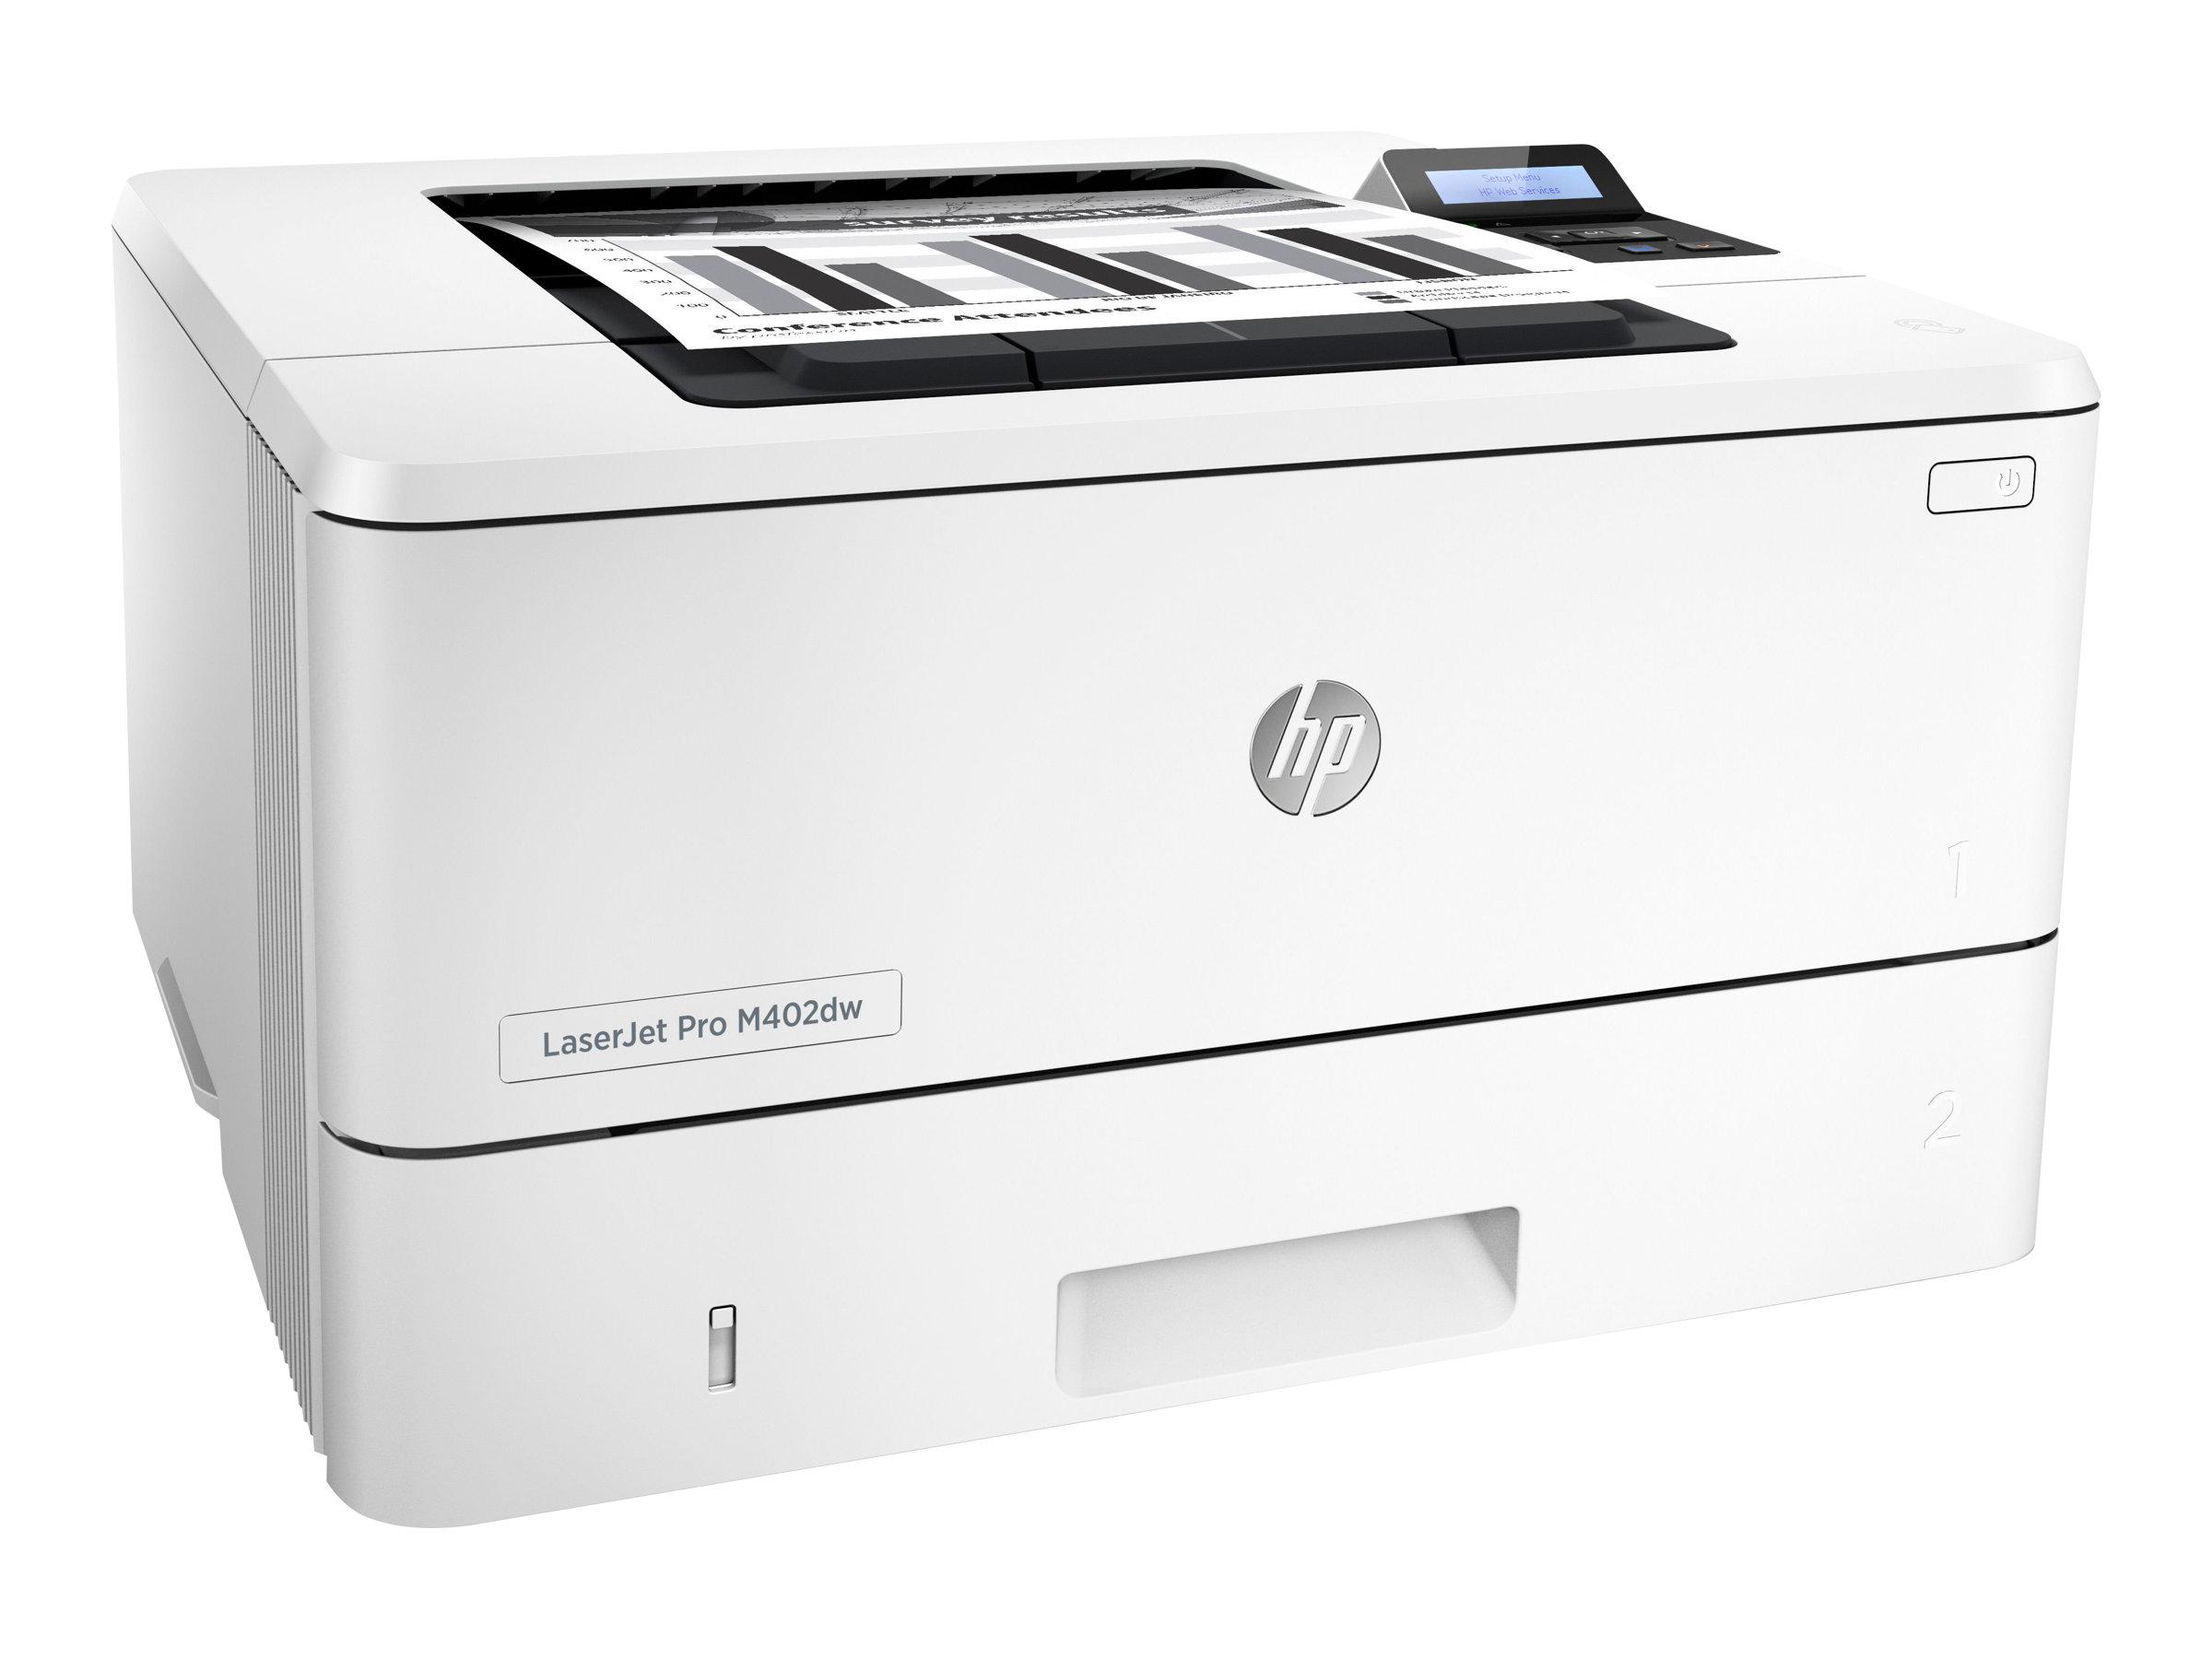 HP LaserJet Pro M402dw, S/W-Laser, A4